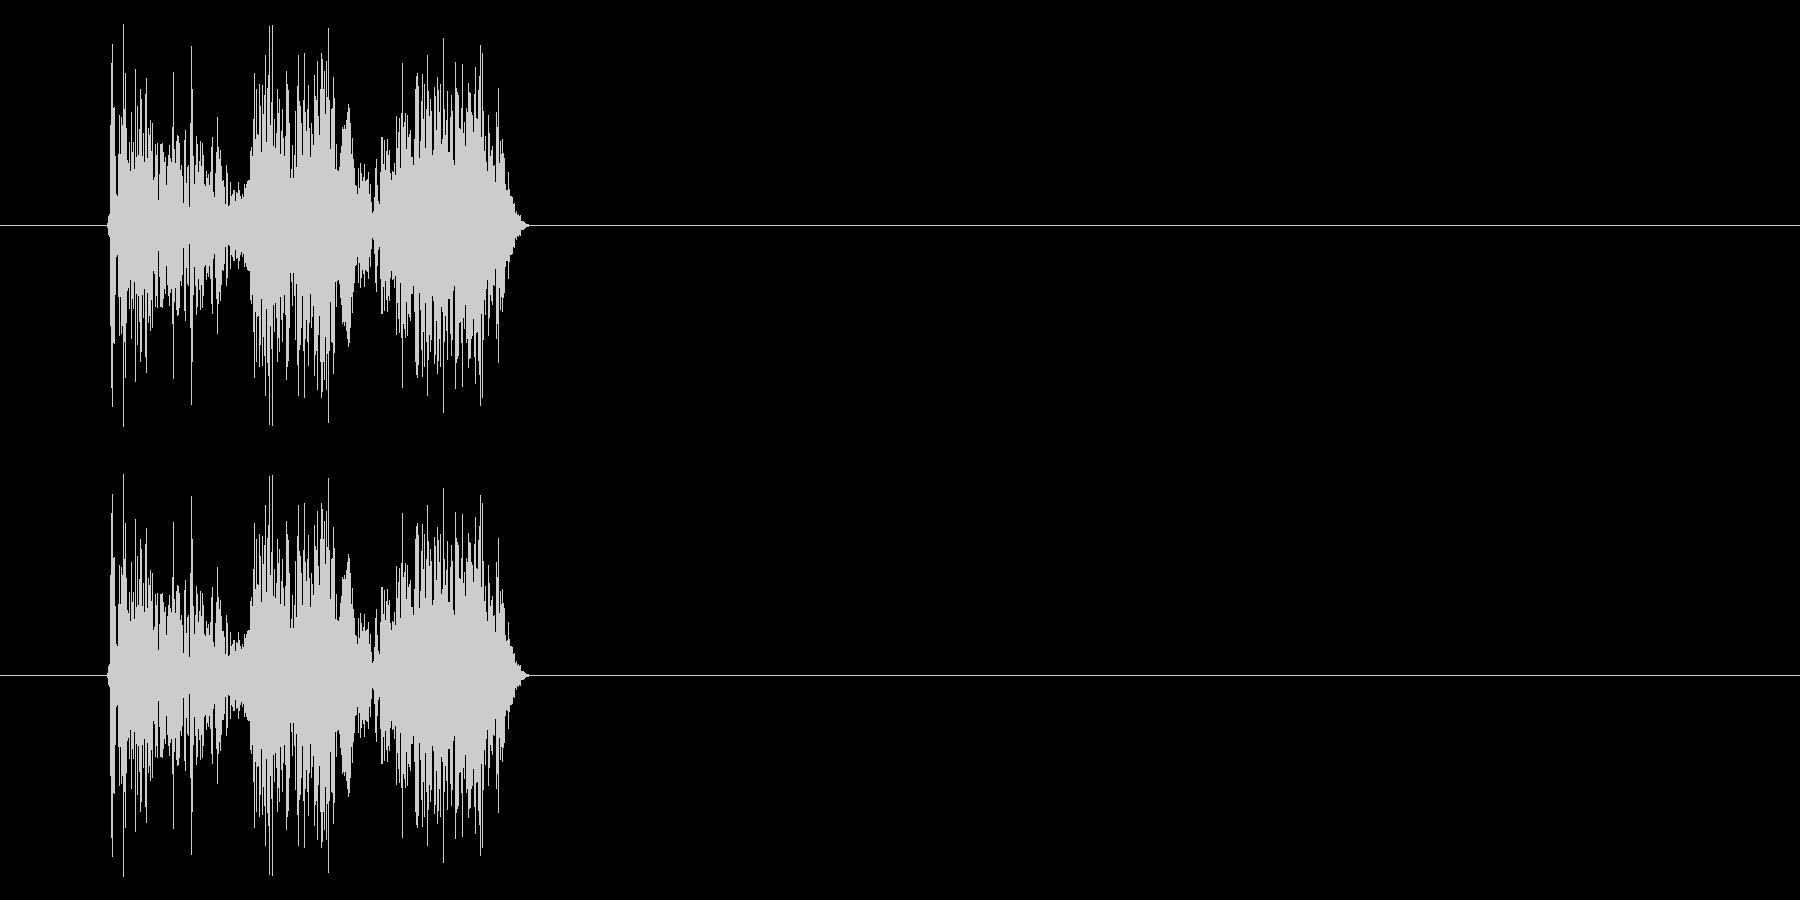 斬る04-1の未再生の波形